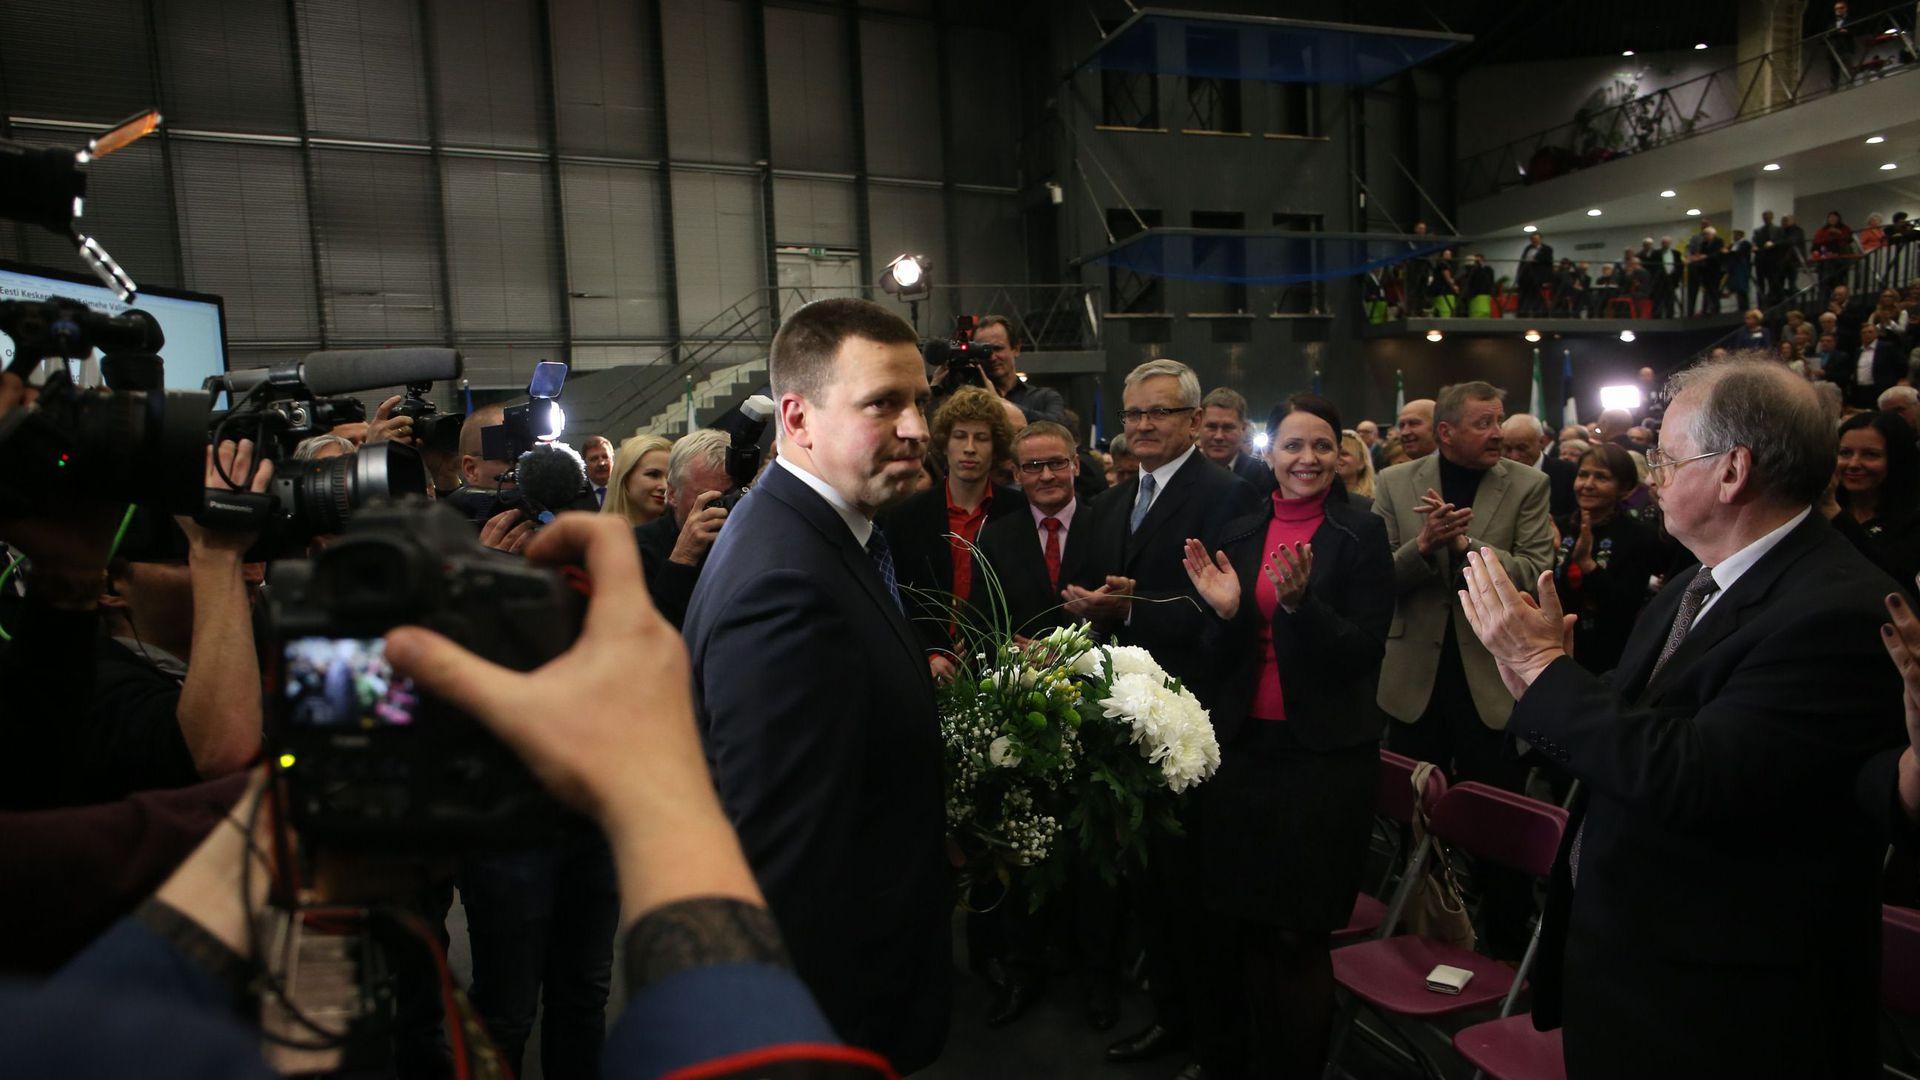 4be23e1837e Blogi: Keskerakonna uueks esimeheks sai Jüri Ratas - Postimees TV - videod,  saated, ülekanded